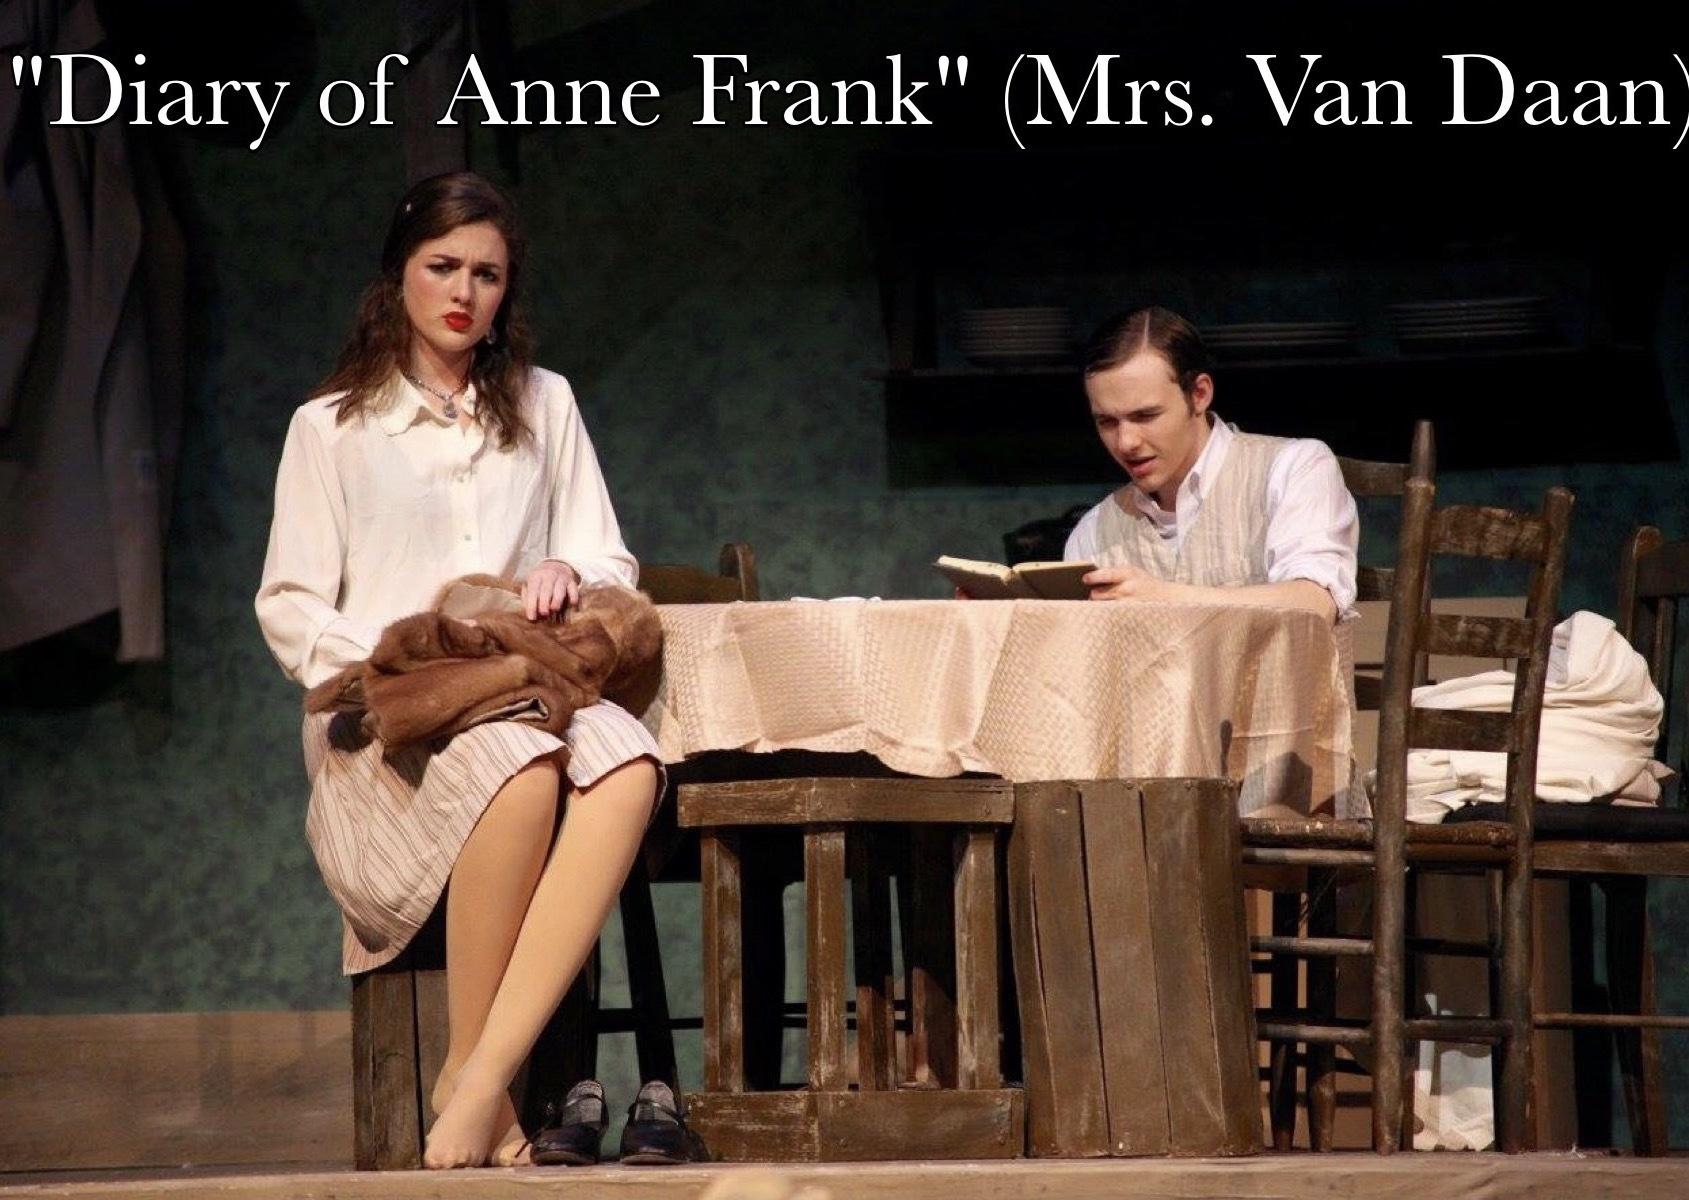 Diary anne frank 1